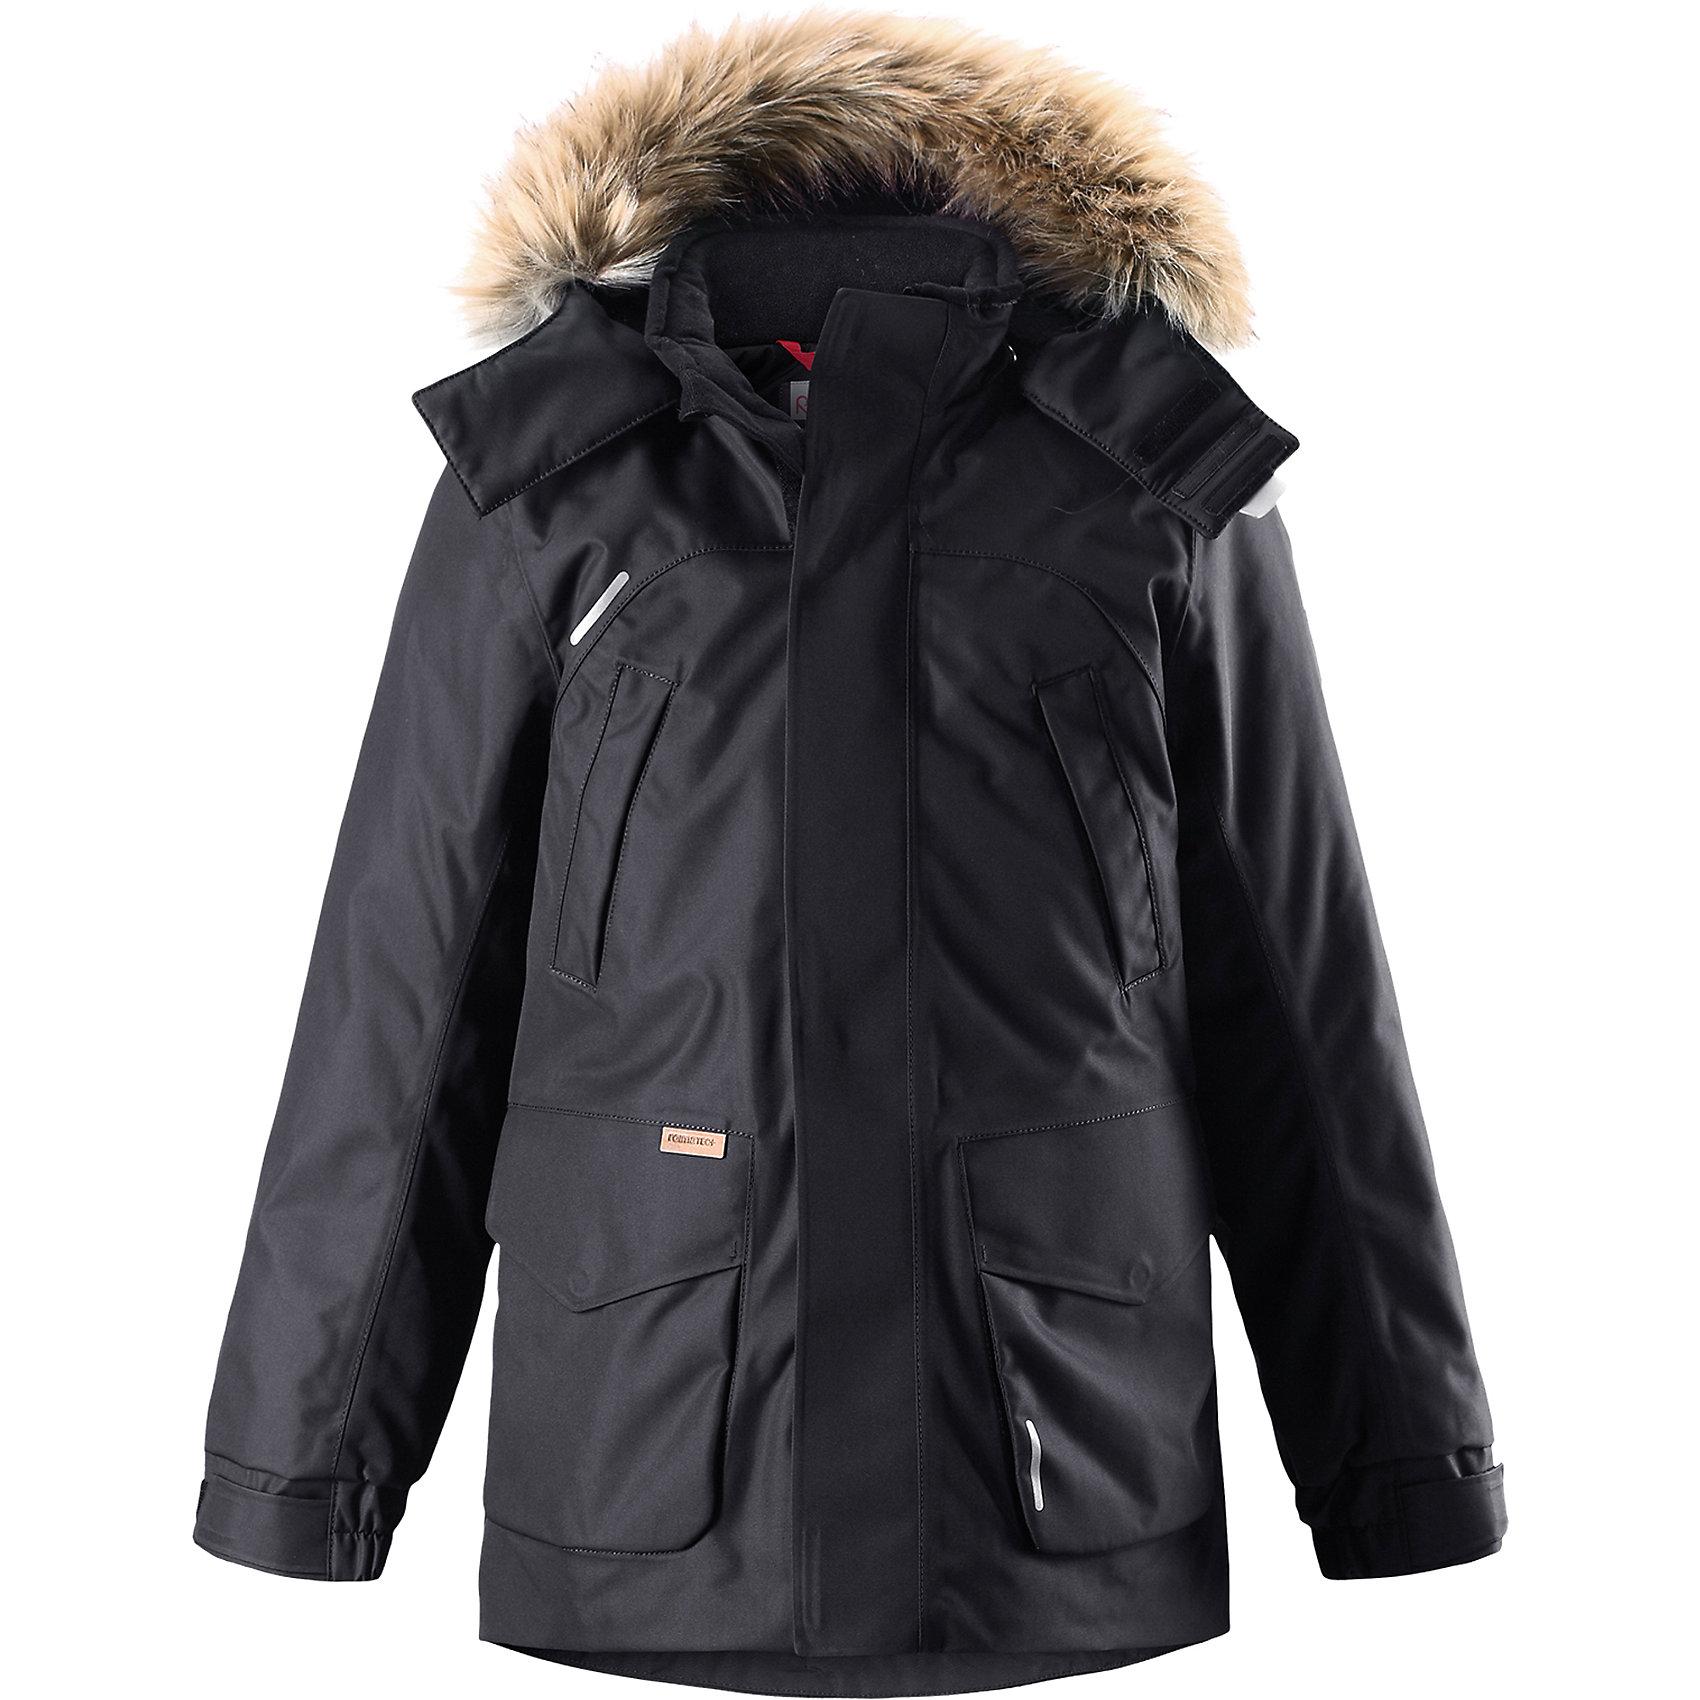 Куртка Reimatec®+ Reima SerkkuВерхняя одежда<br>Характеристики товара:<br><br>• цвет: черный;<br>• состав: 100% полиэстер;<br>• подкладка: 100% полиэстер;<br>• утеплитель: 60% пух, 40% перо;<br>• сезон: зима;<br>• температурный режим: от 0 до -20С;<br>• водонепроницаемость: 15000 мм;<br>• воздухопроницаемость: 7000 мм;<br>• износостойкость: 40000 циклов (тест Мартиндейла);<br>• водо- и ветронепроницаемый, дышащий и грязеотталкивающий материал;<br>• все швы проклеены и водонепроницаемы;<br>• застежка: молния с дополнительной планкой;<br>• гладкая подкладка из полиэстера;<br>• безопасный съемный капюшон;<br>• съемный искусственный мех на капюшоне;<br>• регулируемые манжеты и подол;<br>• внутренняя регулировка талии;<br>• удлиненный подол сзади;<br>• два прорезных кармана;<br>• нагрудные карманы;<br>• внутренний нагрудный карман;<br>• петля для дополнительных светоотражающих деталей;<br>• светоотражающие детали;<br>• страна бренда: Финляндия;<br>• страна изготовитель: Китай.<br><br>Теплая детская куртка-пуховик сшита из ветронепроницаемого и дышащего материала, который, к тому же, абсолютно водонепроницаемый! Все швы в этой стильной куртке проклеены и водонепроницаемы, что гарантирует максимальный комфорт во время зимних прогулок, при любой погоде. Талия и подол этой удлиненной модели легко регулируются, что позволяет подогнать куртку точно по фигуре. <br><br>Съемный капюшон защищает от пронизывающего ветра и безопасен во время игр на свежем воздухе. Кнопки легко отстегиваются, если капюшон случайно за что-нибудь зацепится. Куртка подшита гладкой подкладкой. Модный образ дополняет капюшон с элегантной оторочкой из искусственного меха, которую при желании также можно снять. В нескольких карманах удобно хранить разные важные предметы во время прогулок.<br><br>Куртку Serkku Reimatec®+ Reima от финского бренда Reima (Рейма) можно купить в нашем интернет-магазине.<br><br>Ширина мм: 356<br>Глубина мм: 10<br>Высота мм: 245<br>Вес г: 519<br>Цвет: черный<br>Возраст от месяцев: 